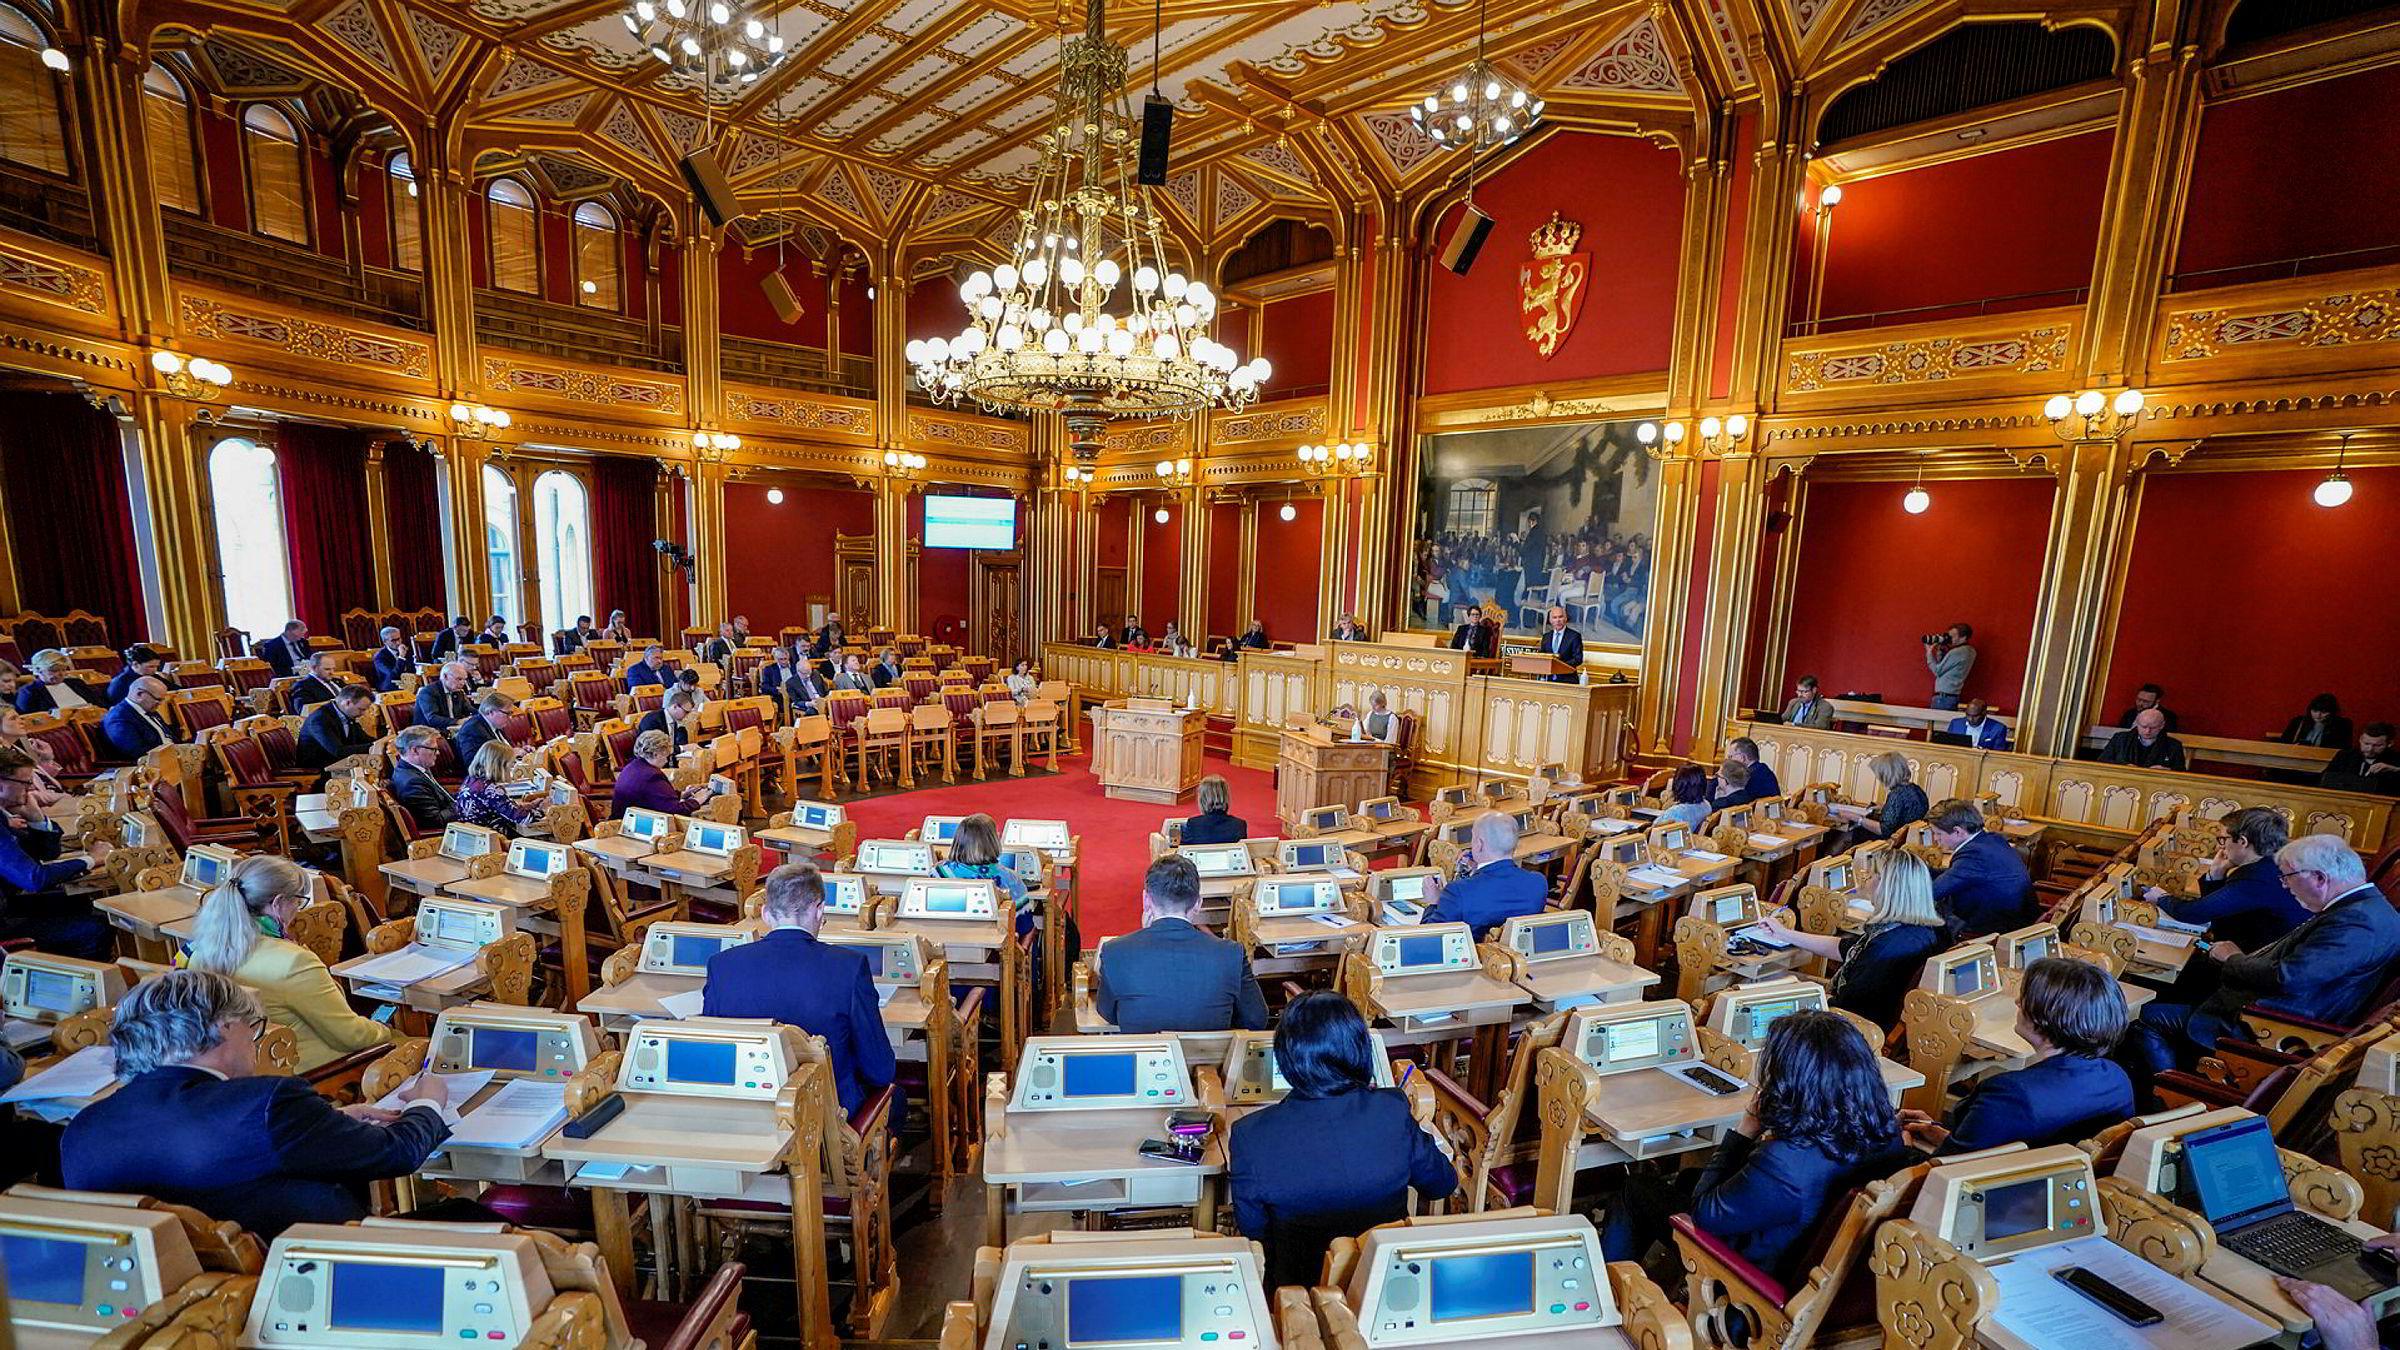 Det blir pleksiglass mellom representantene når Stortinget tirsdag skal behandle opposisjonens forslag om en liberalisering av bioteknologiloven.